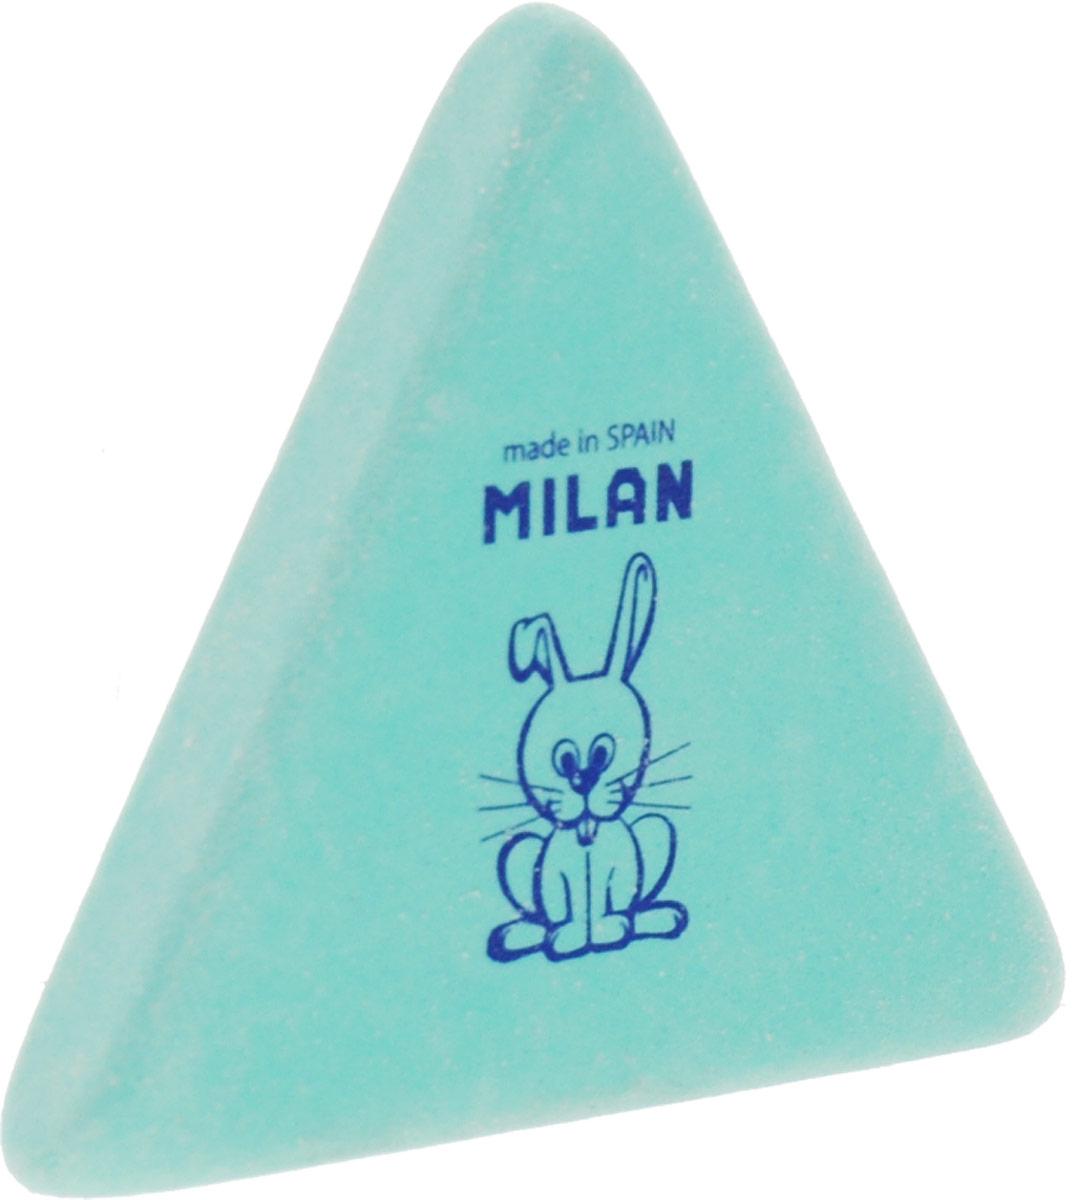 Milan Ластик 3 х 3 цвет бирюзовыйCMM3X3_бирюзовыйЛастик Milan удобной треугольной формы для точного стирания. Отлично удаляет следы графита мягких карандашей.